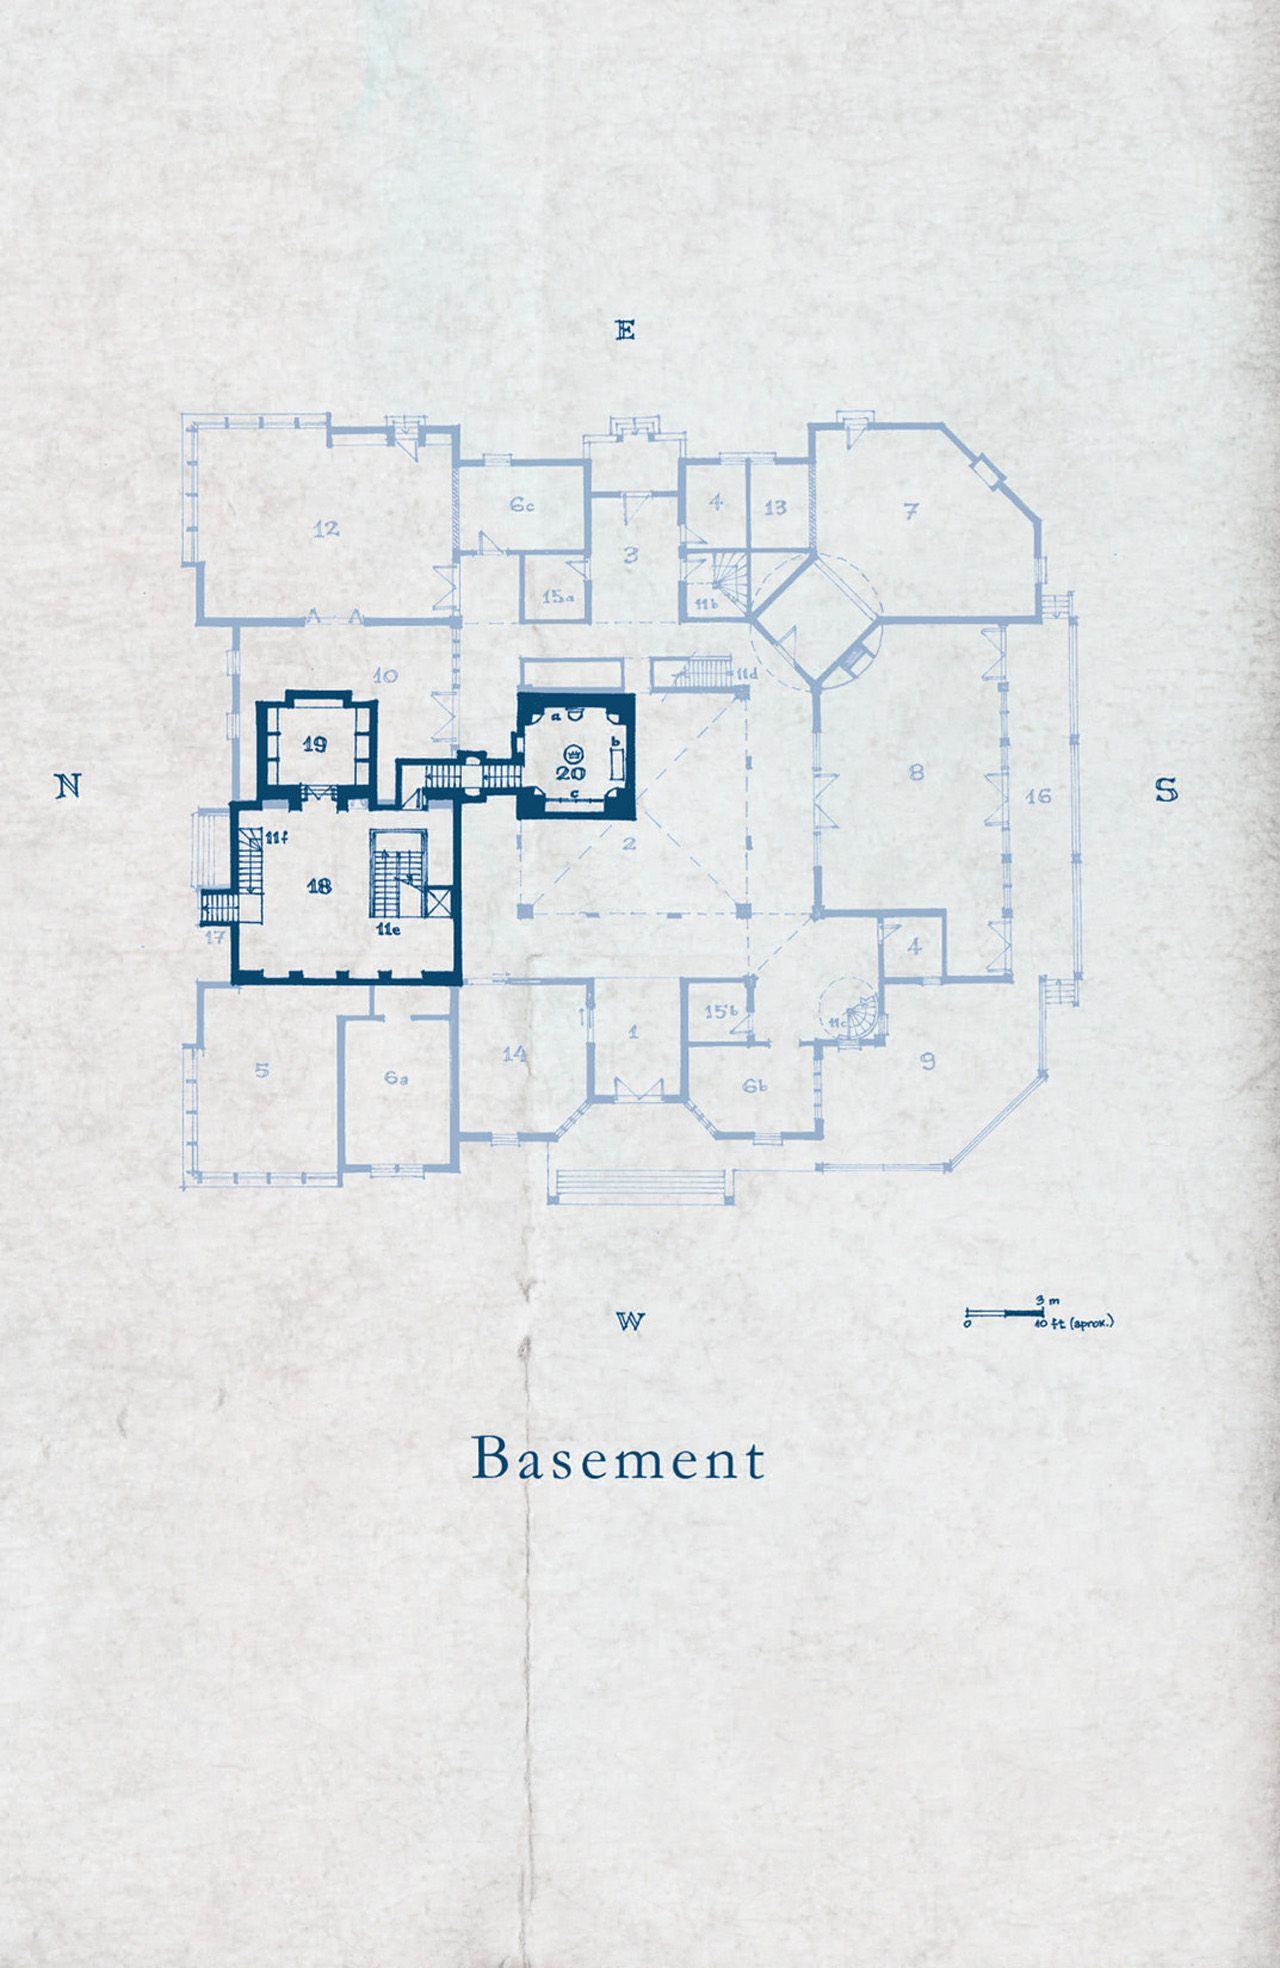 Keyhouse manor blueprints 01 basement locke key pinterest keyhouse manor blueprints 01 basement malvernweather Images